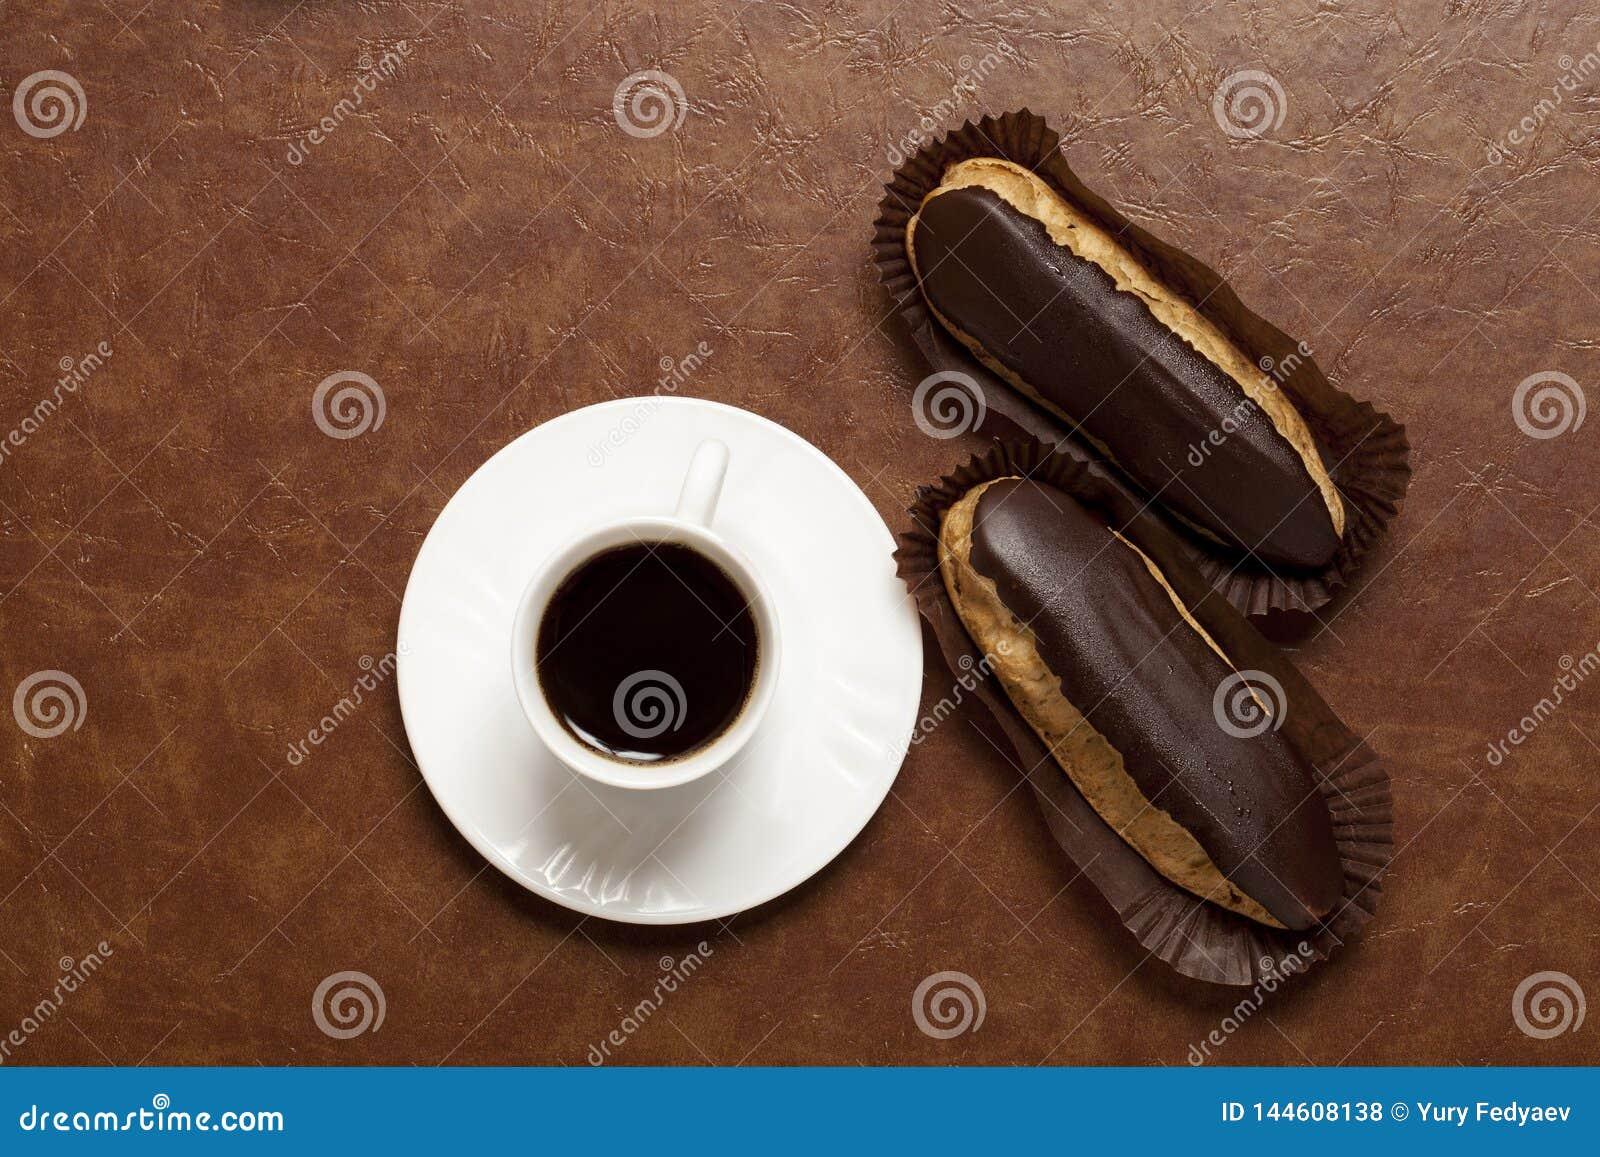 Kaffee, Schokolade Eclair, Kaffee in einer weißen Schale, weiße Untertasse, auf einer braunen Tabelle, Eclair auf Papierstand